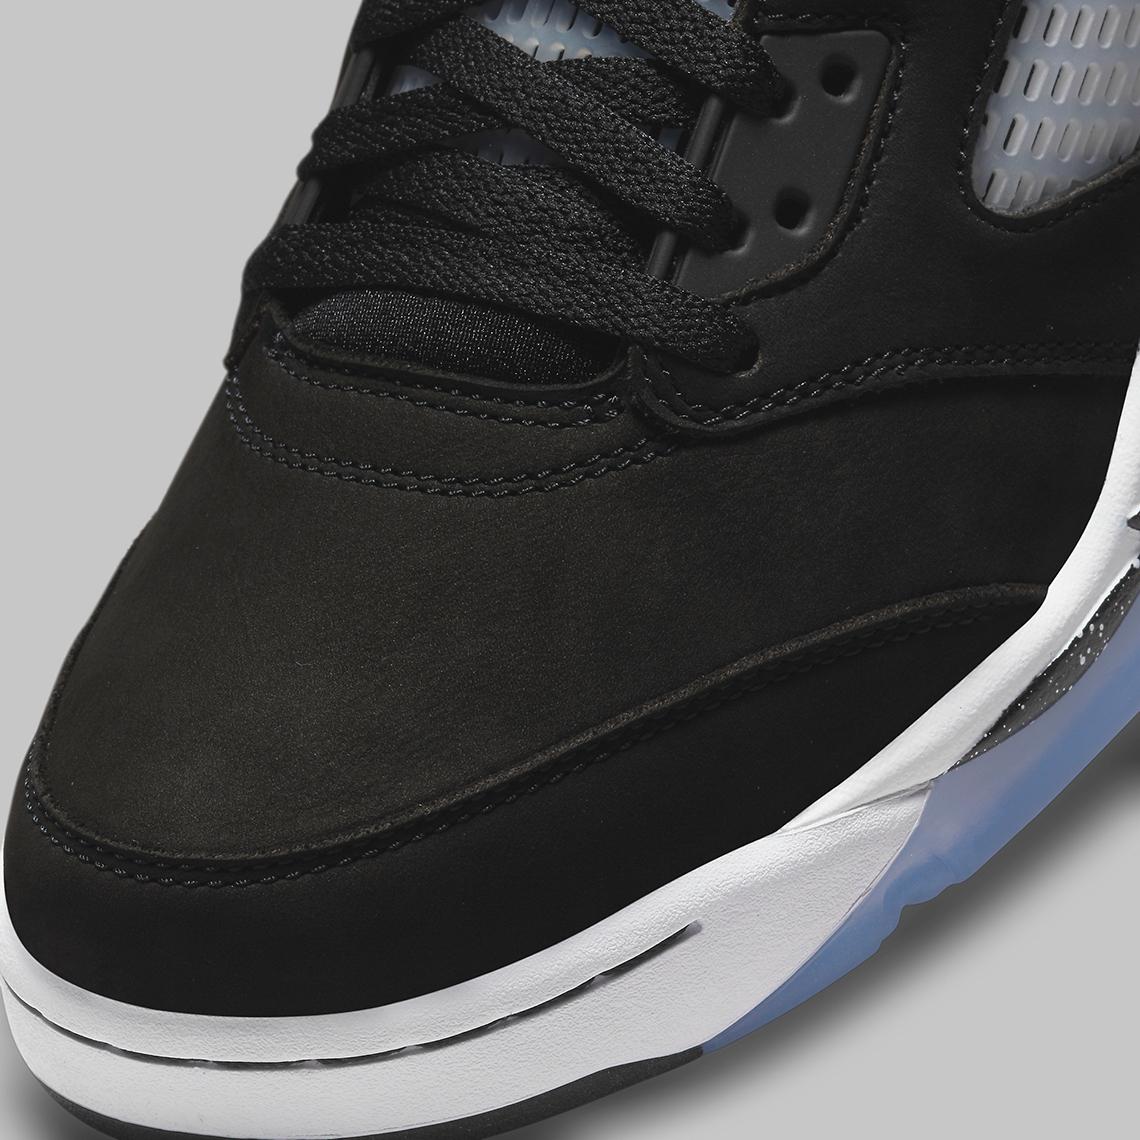 Air Jordan 5 Oreo